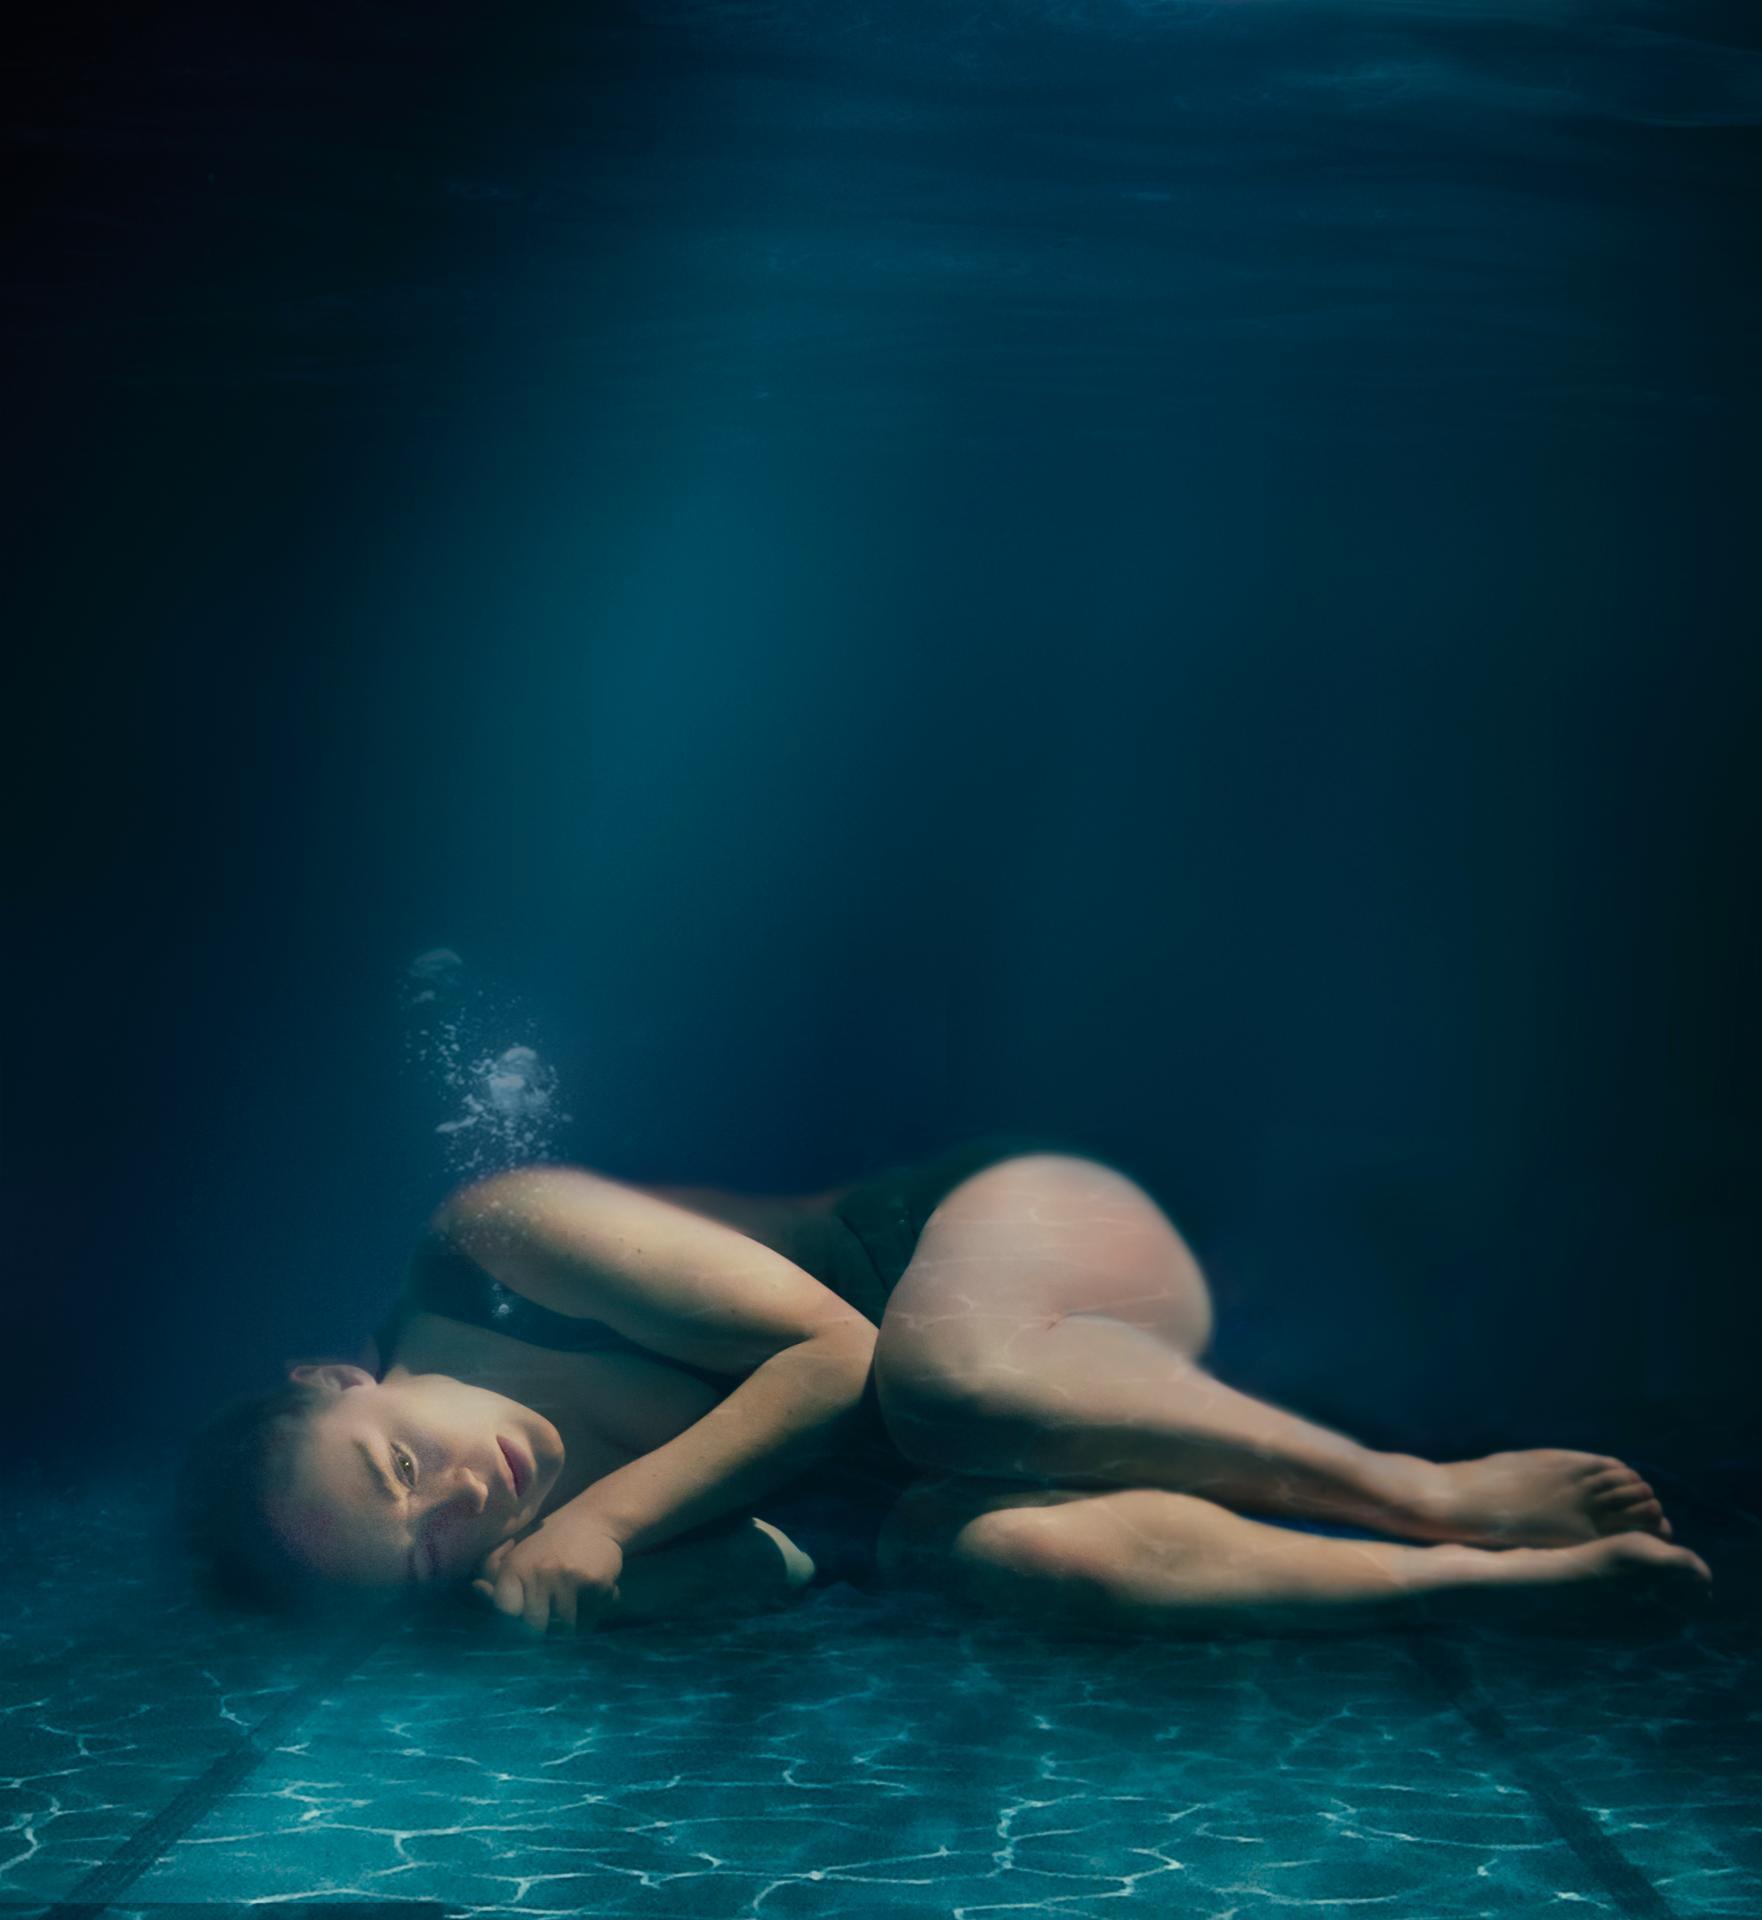 petit pull marine au fond de la piscine